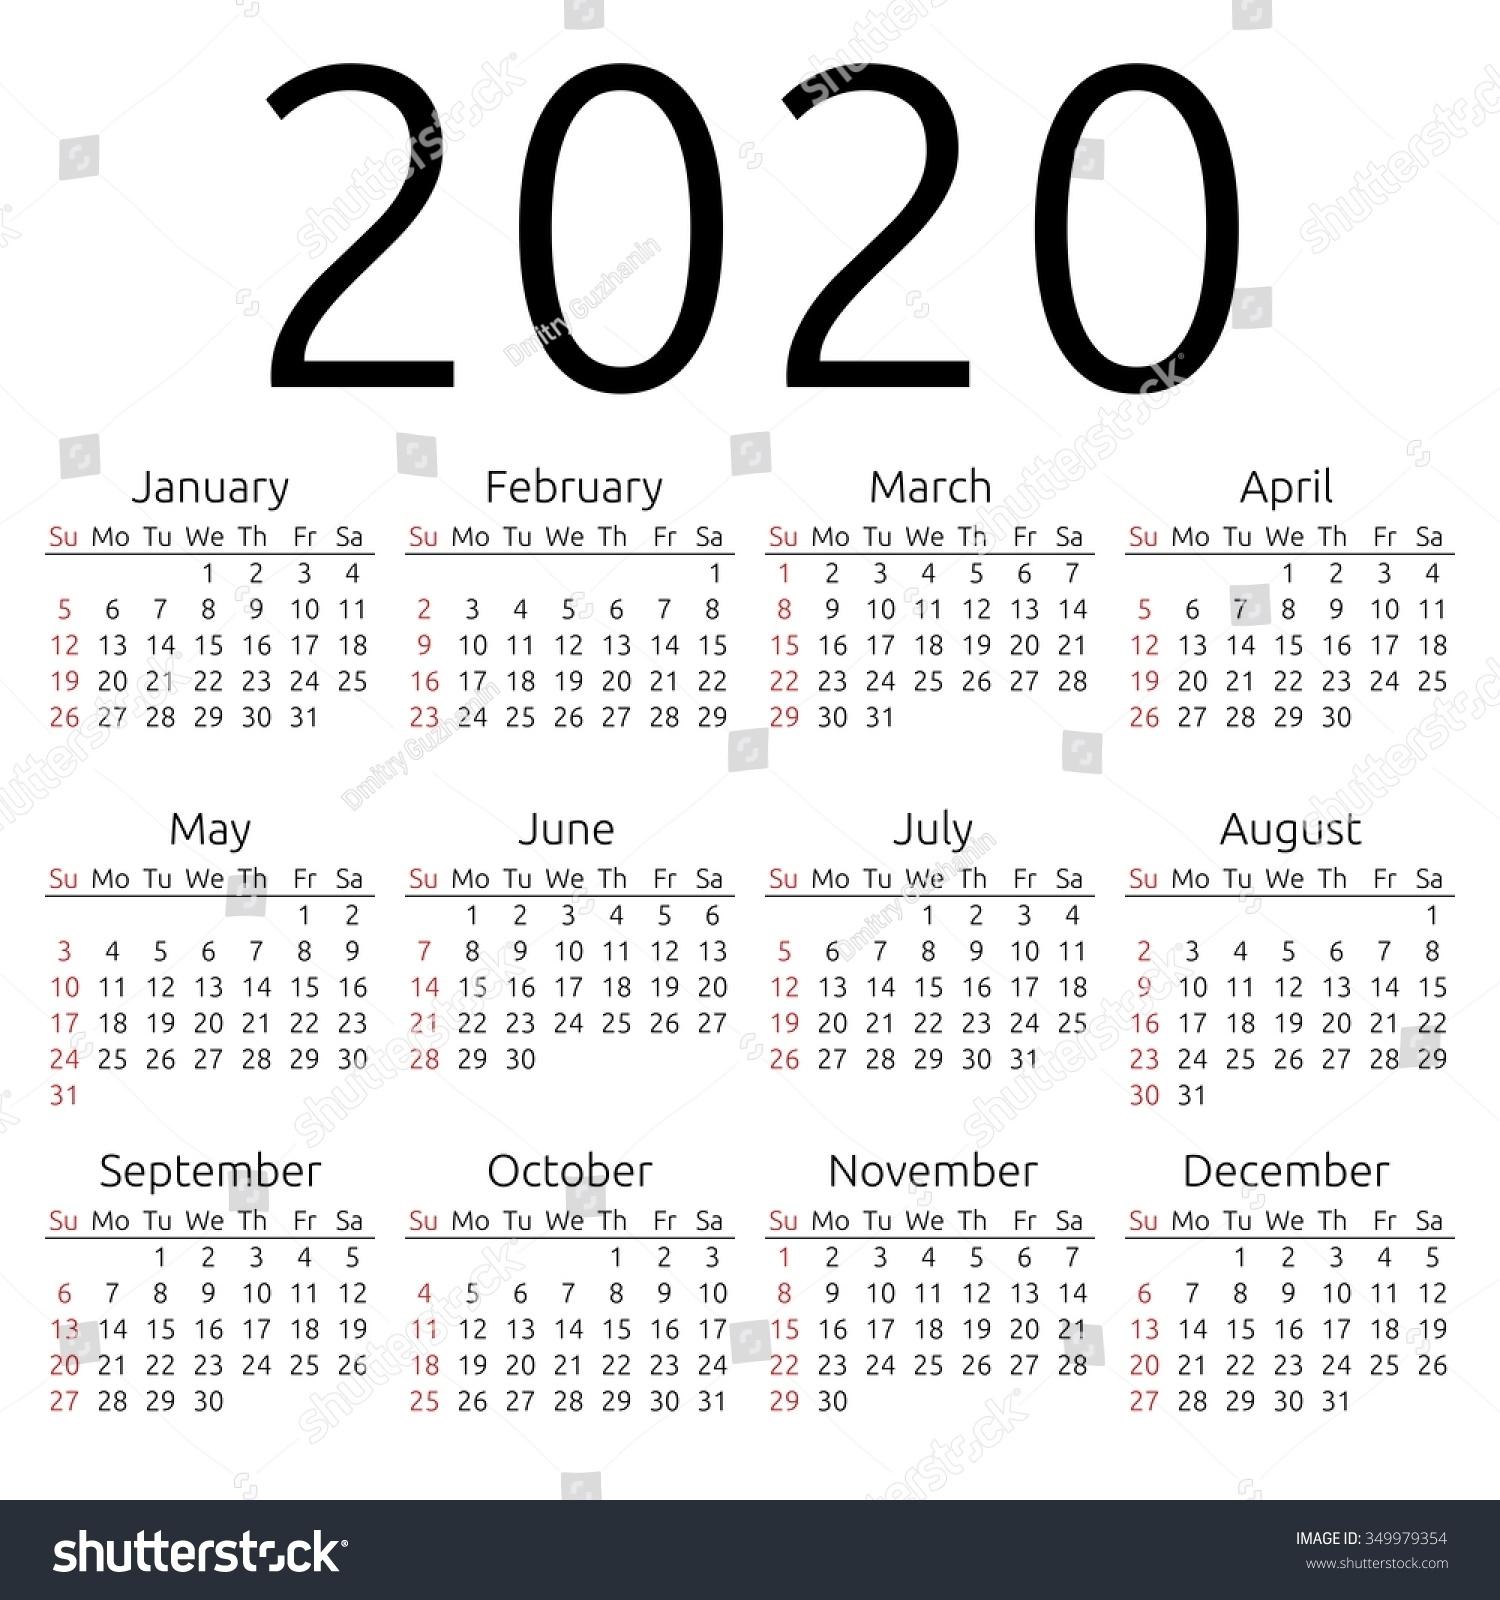 Calendar Week Numbers 2020 Excel | Month Calendar Printable